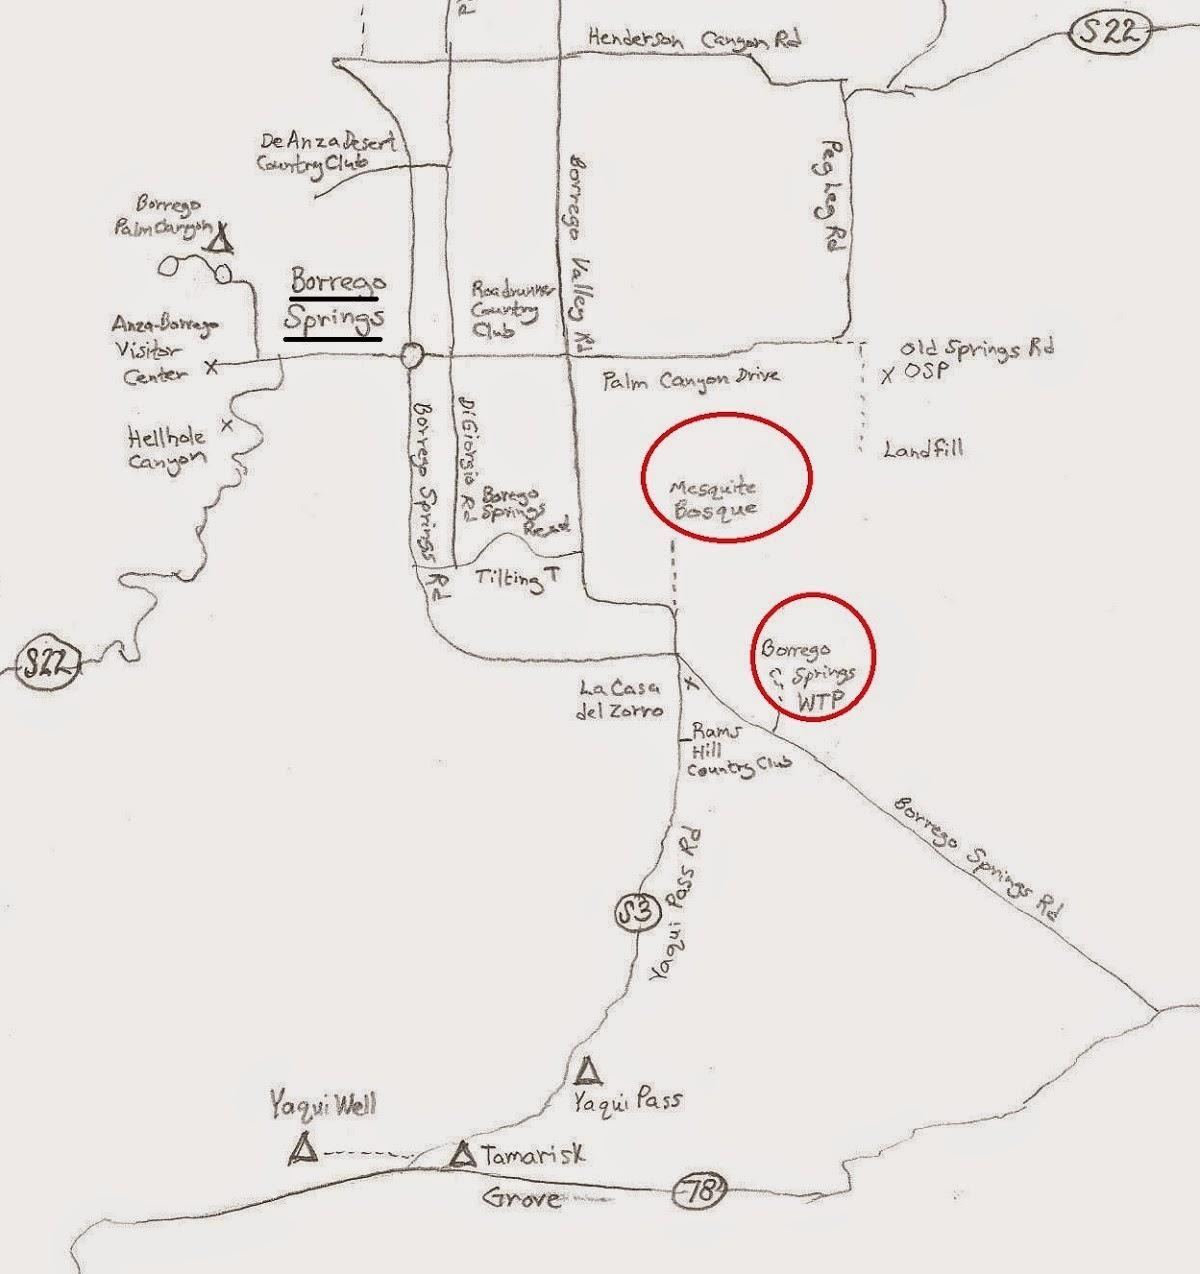 Borrego Springs birding map